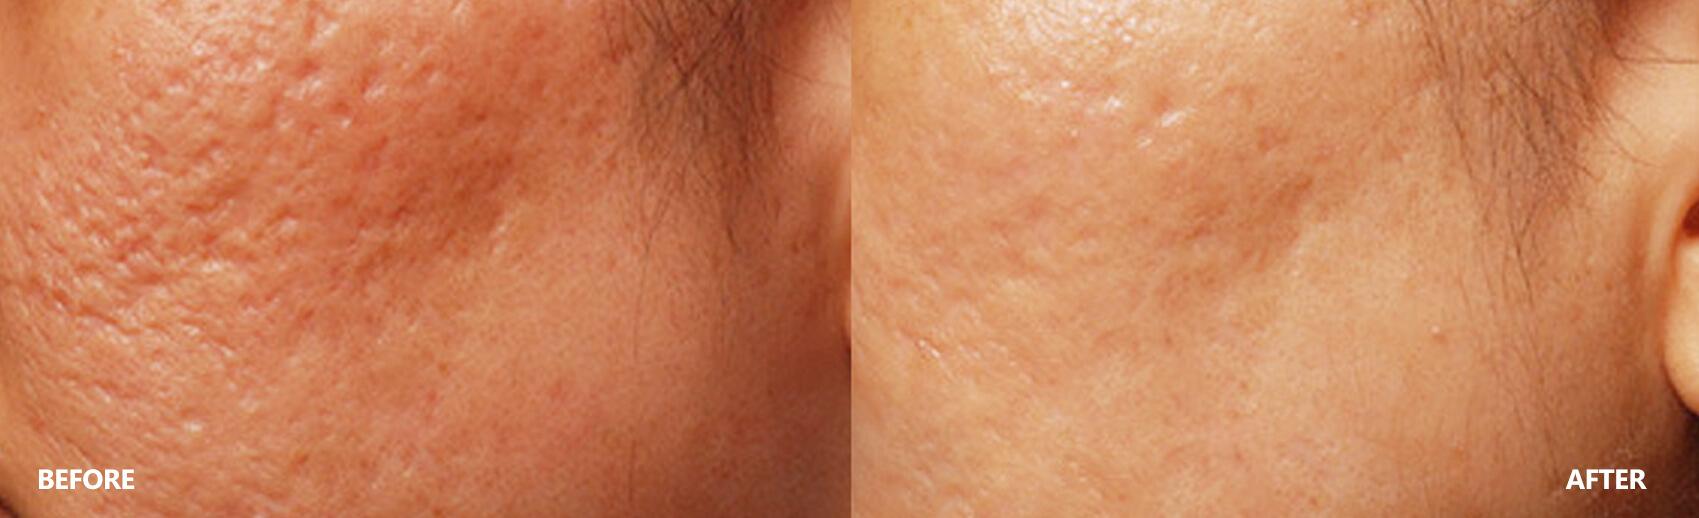 scar-result-6